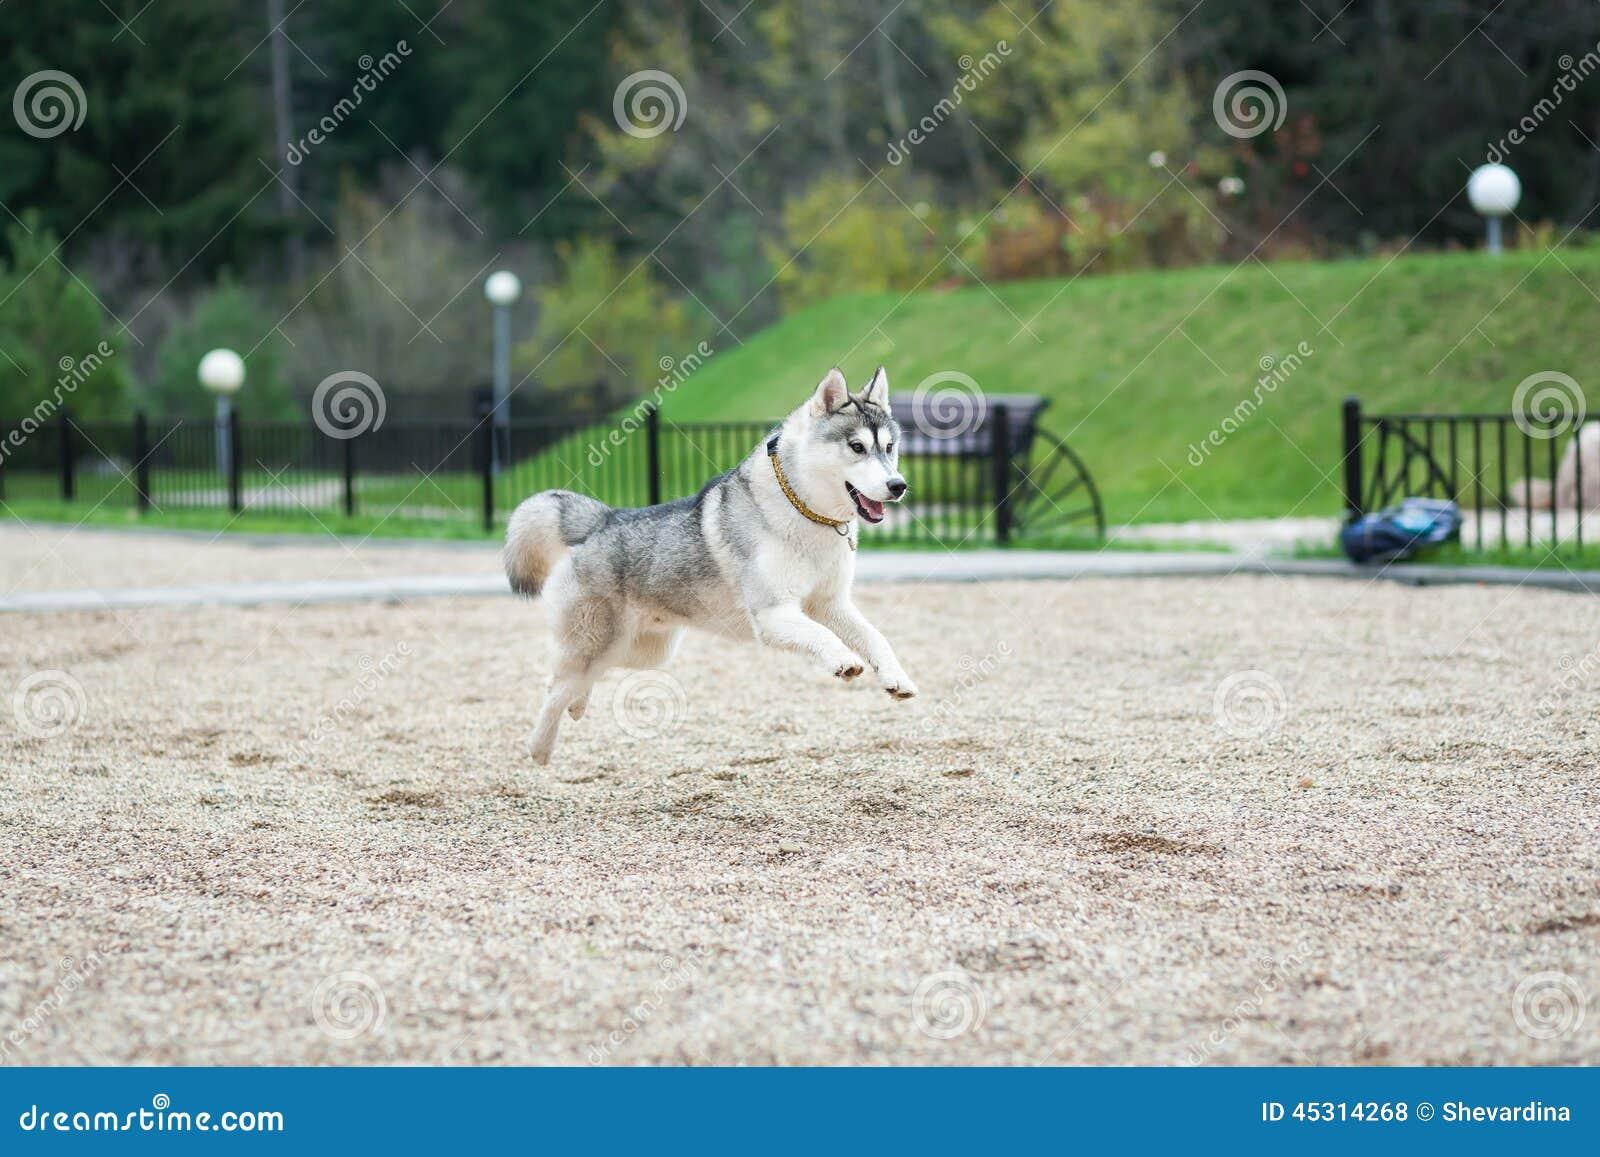 Salto do cão de puxar trenós